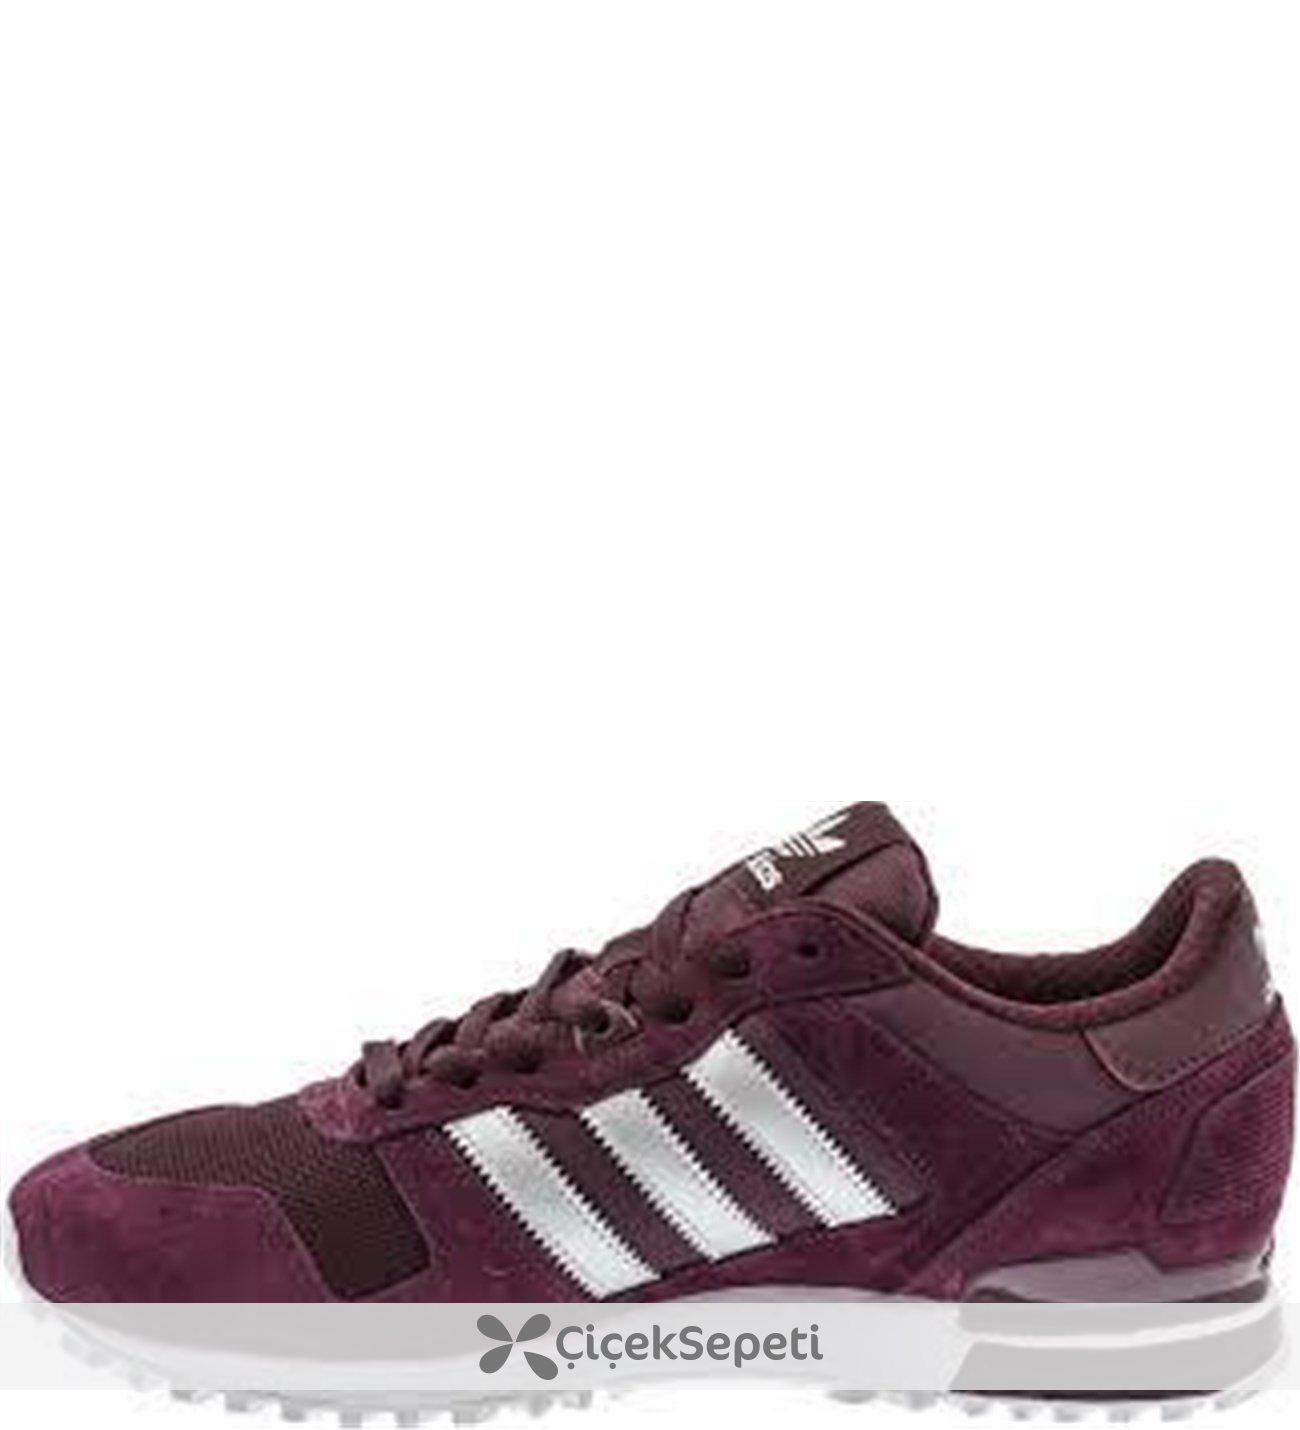 0b0344e32b778 ... free shipping adidas zx 700 erkek spor ayakkab bb1216 d03d6 d2abe